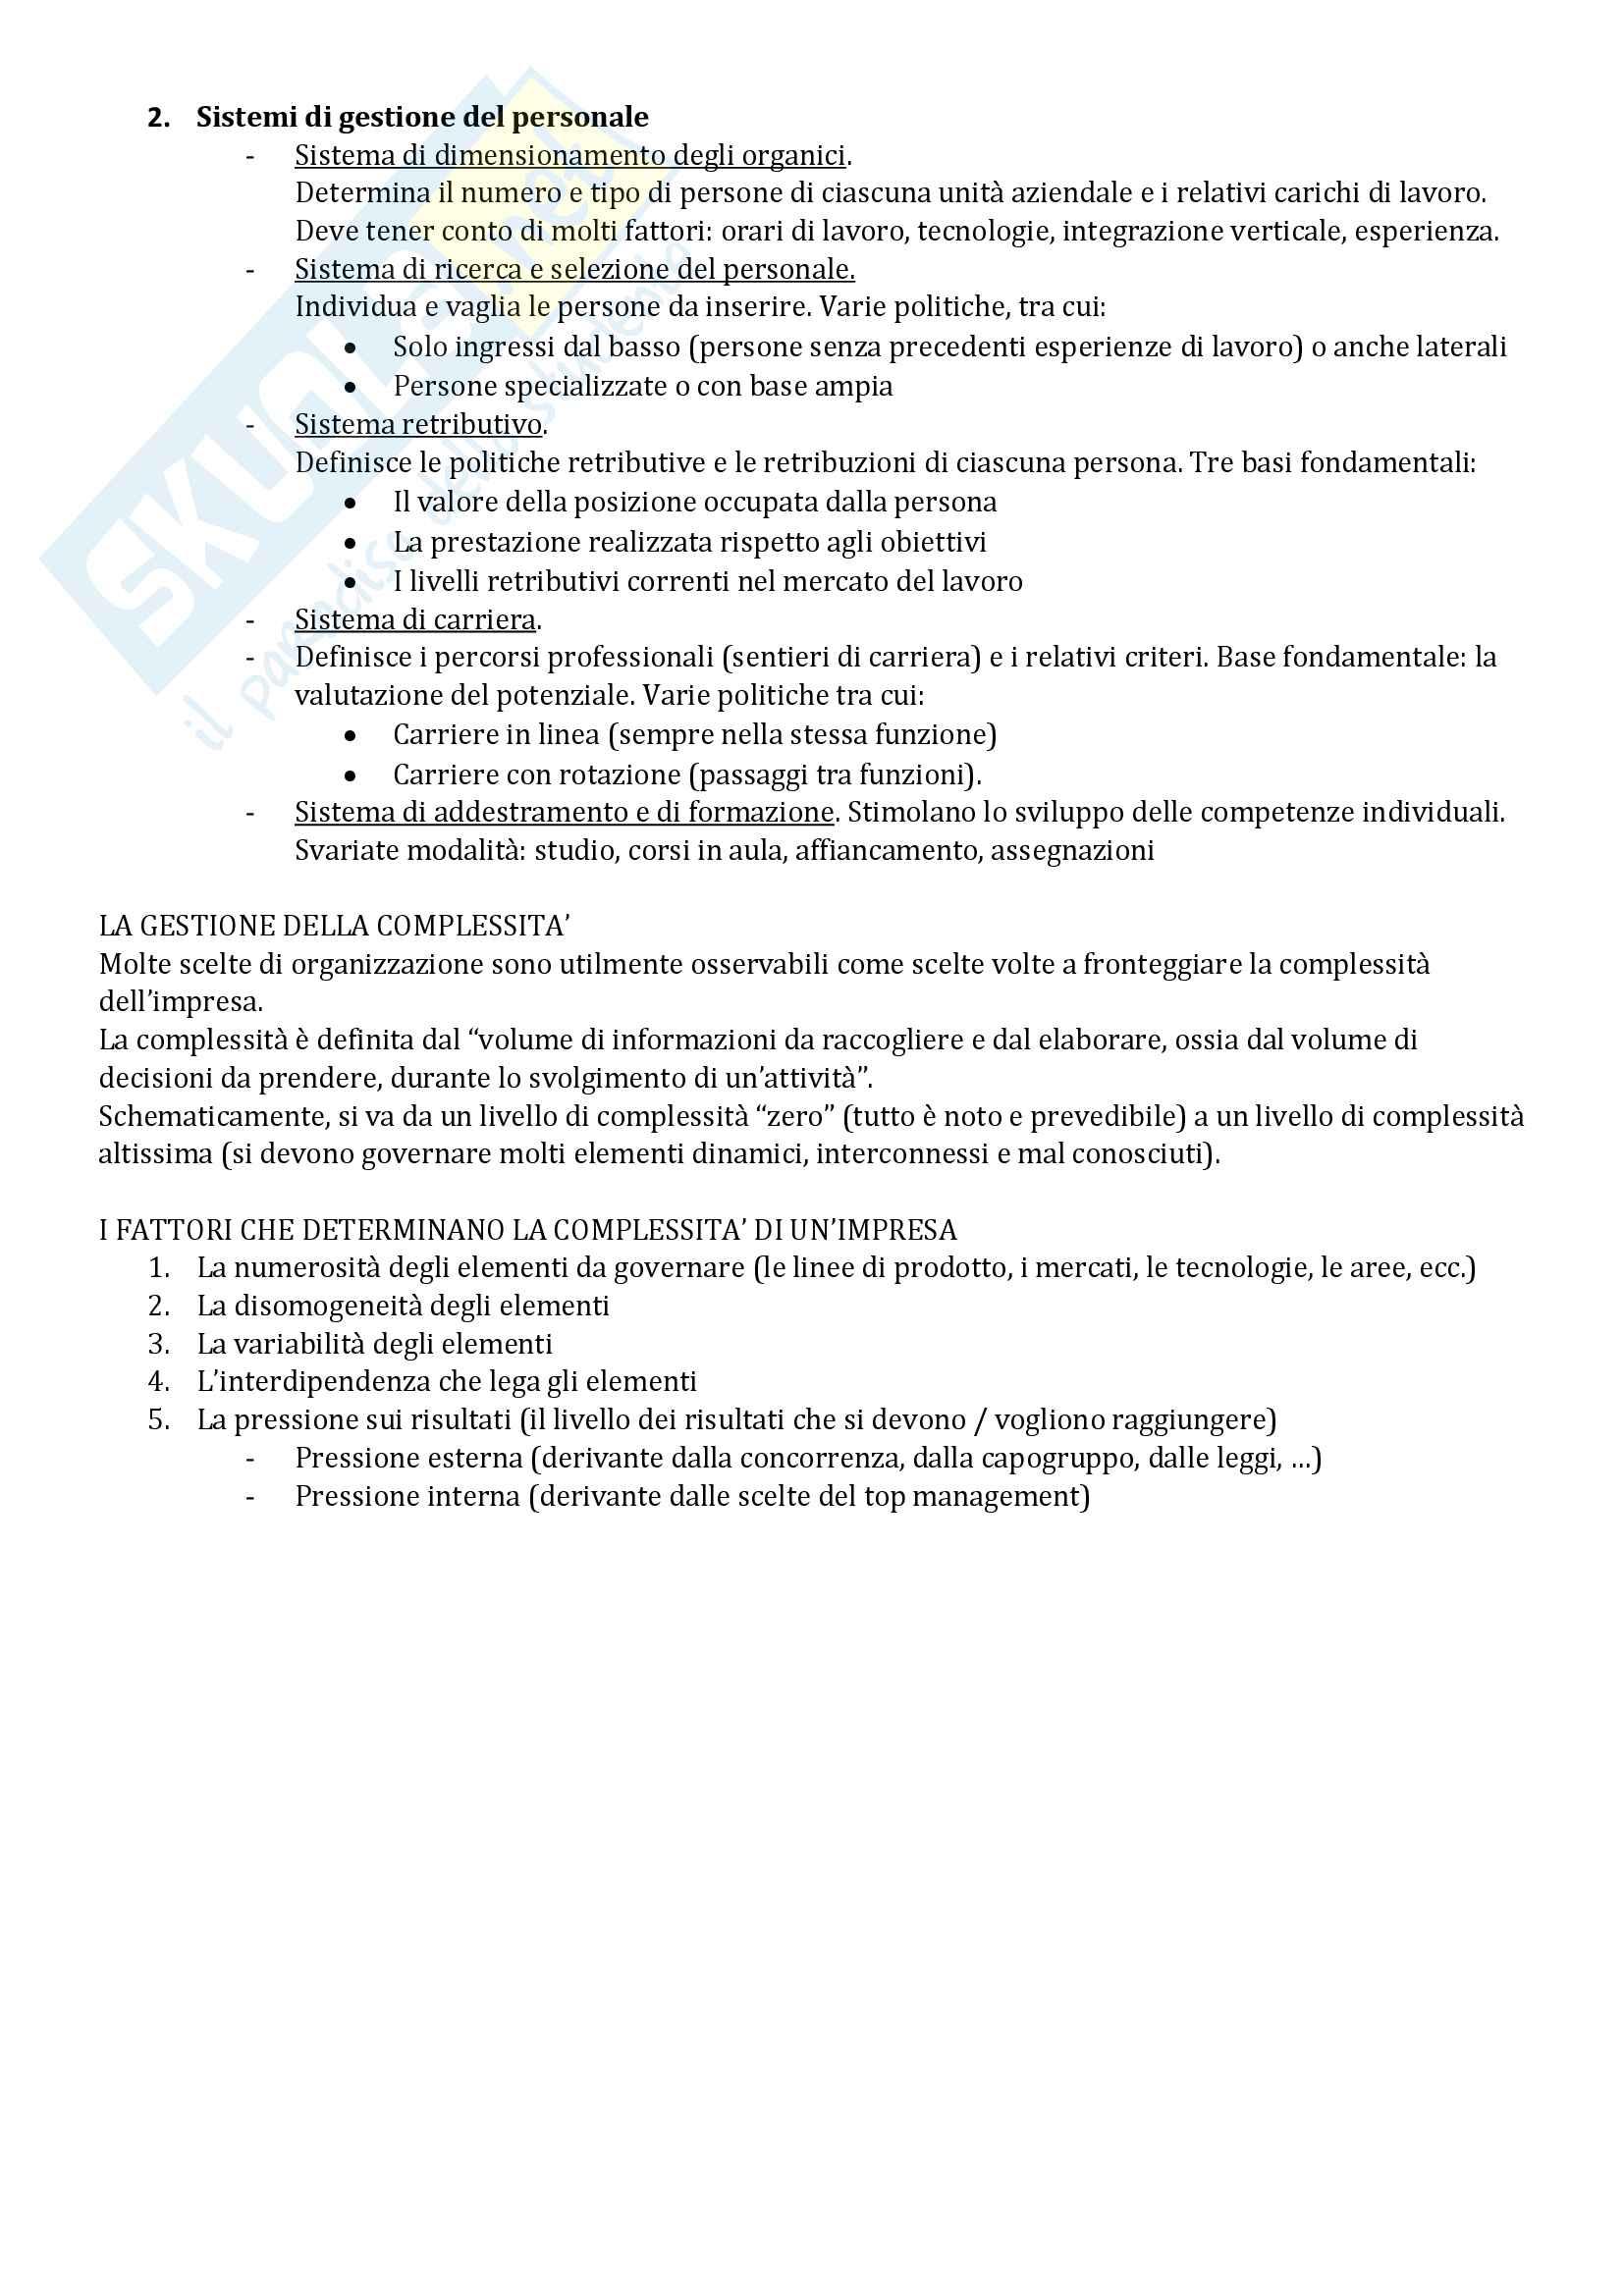 Riassunto esame Economia Aziendale, libro consigliato Corso di Economia Aziendale. ABC: Airoldi, Brunetti e Coda, Il Mulino Pag. 51